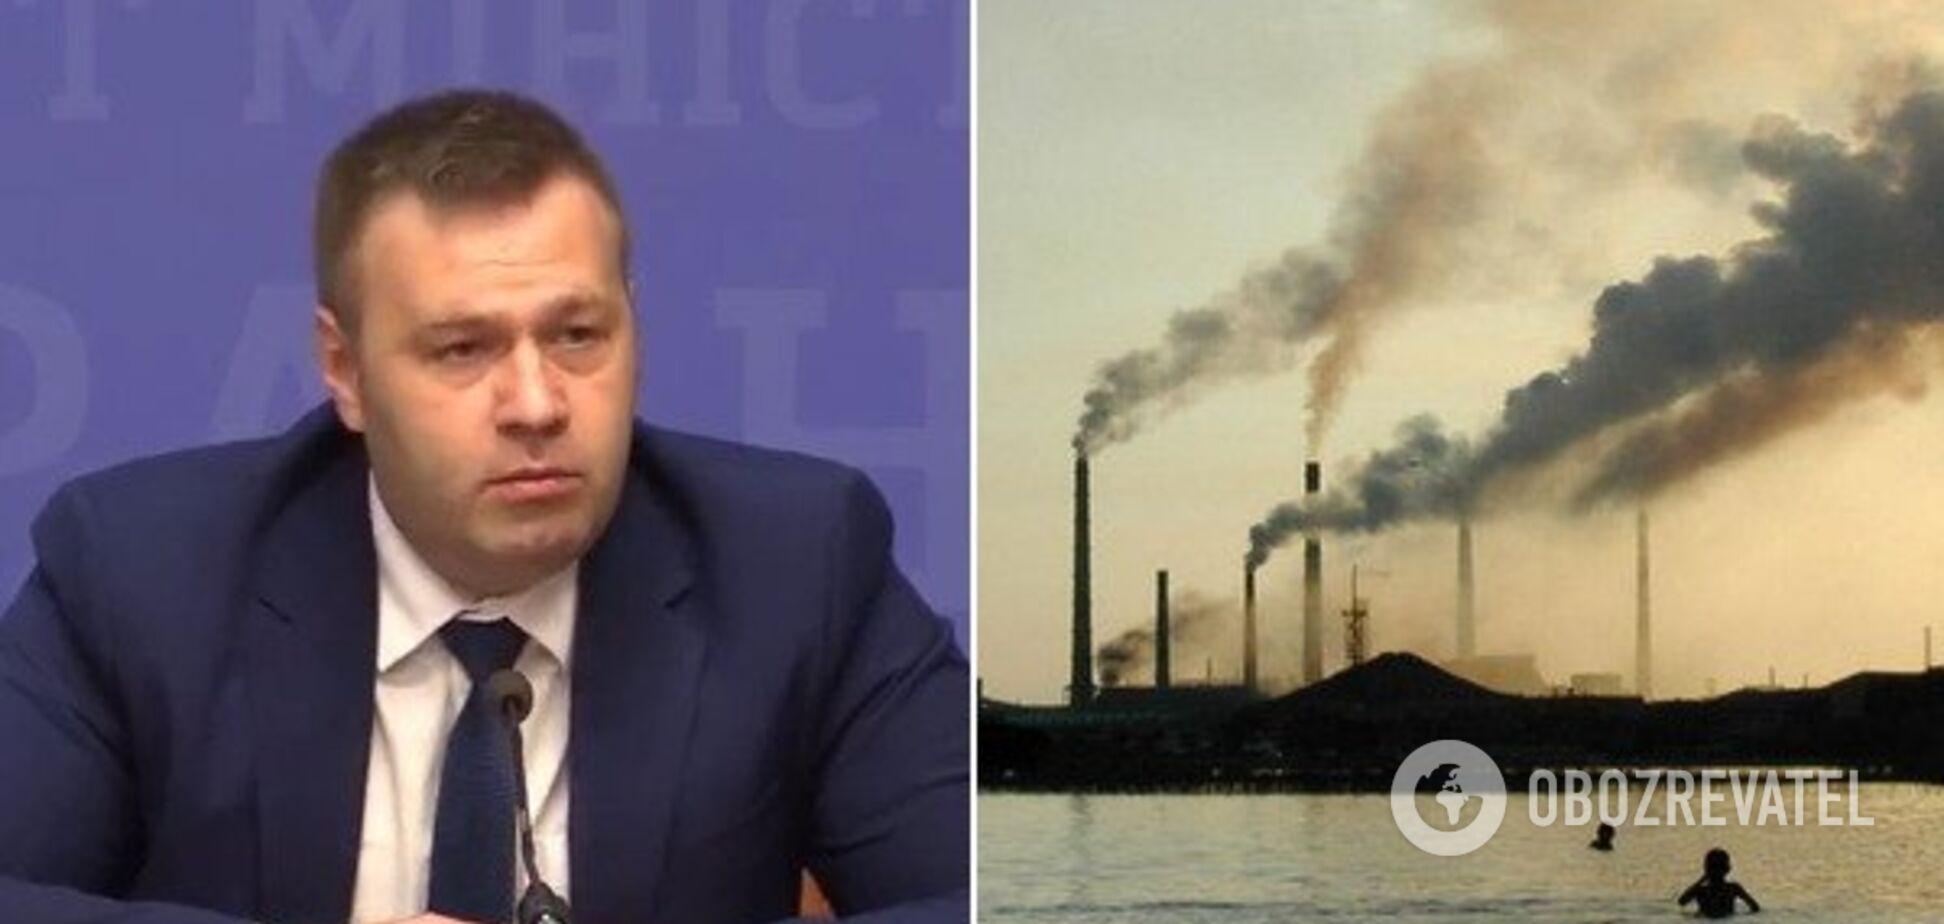 Введем налоги: министр Оржель пояснил, что будет с экологией